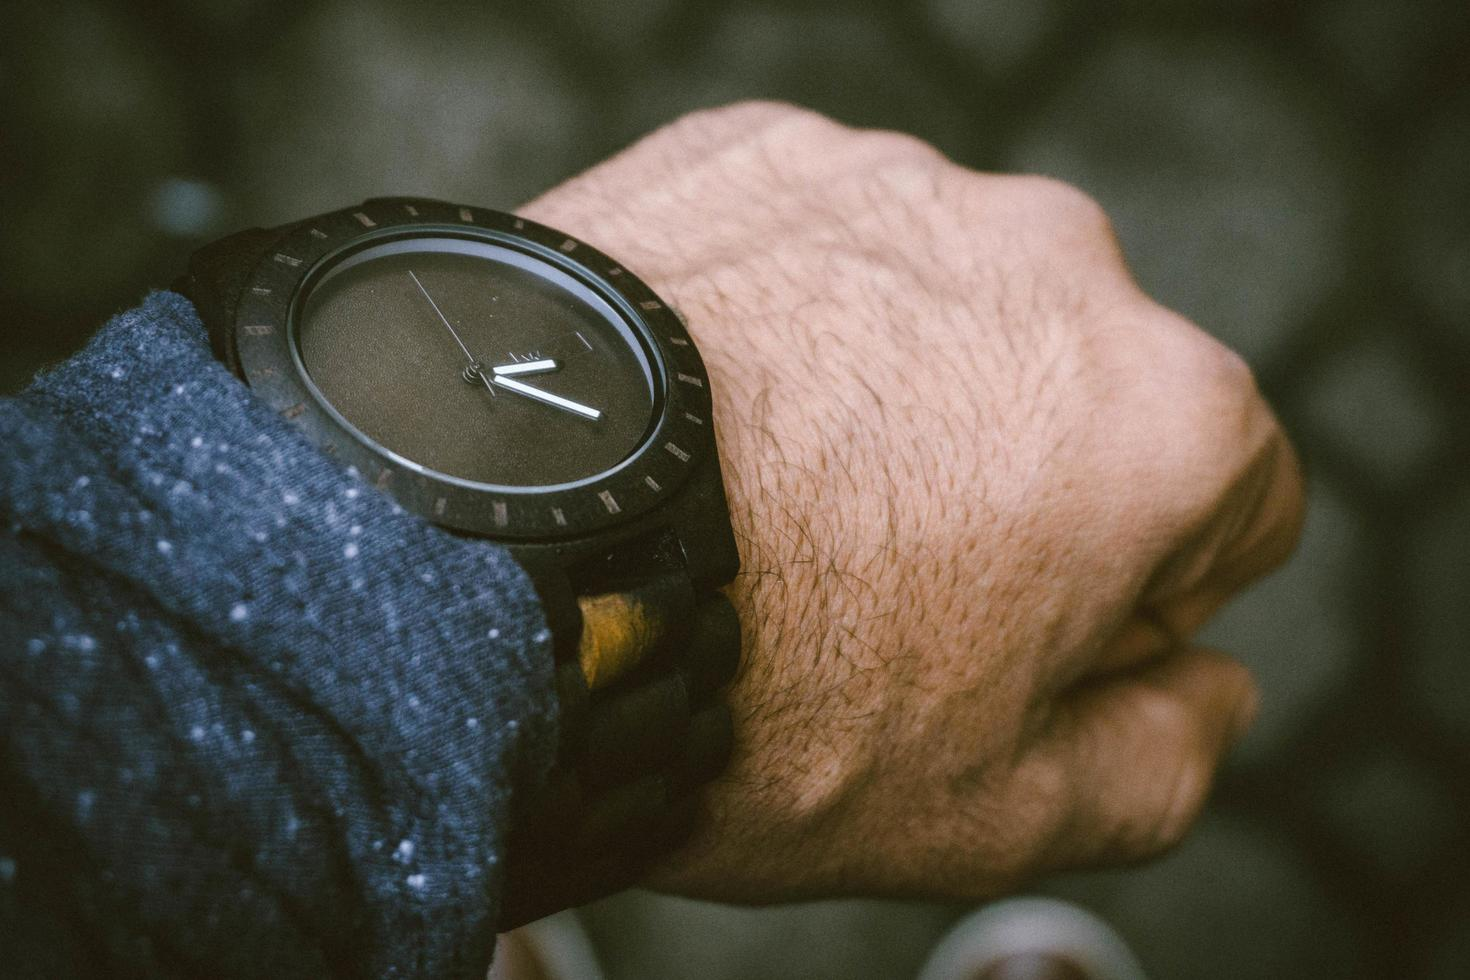 reloj analógico negro en la muñeca humana izquierda foto